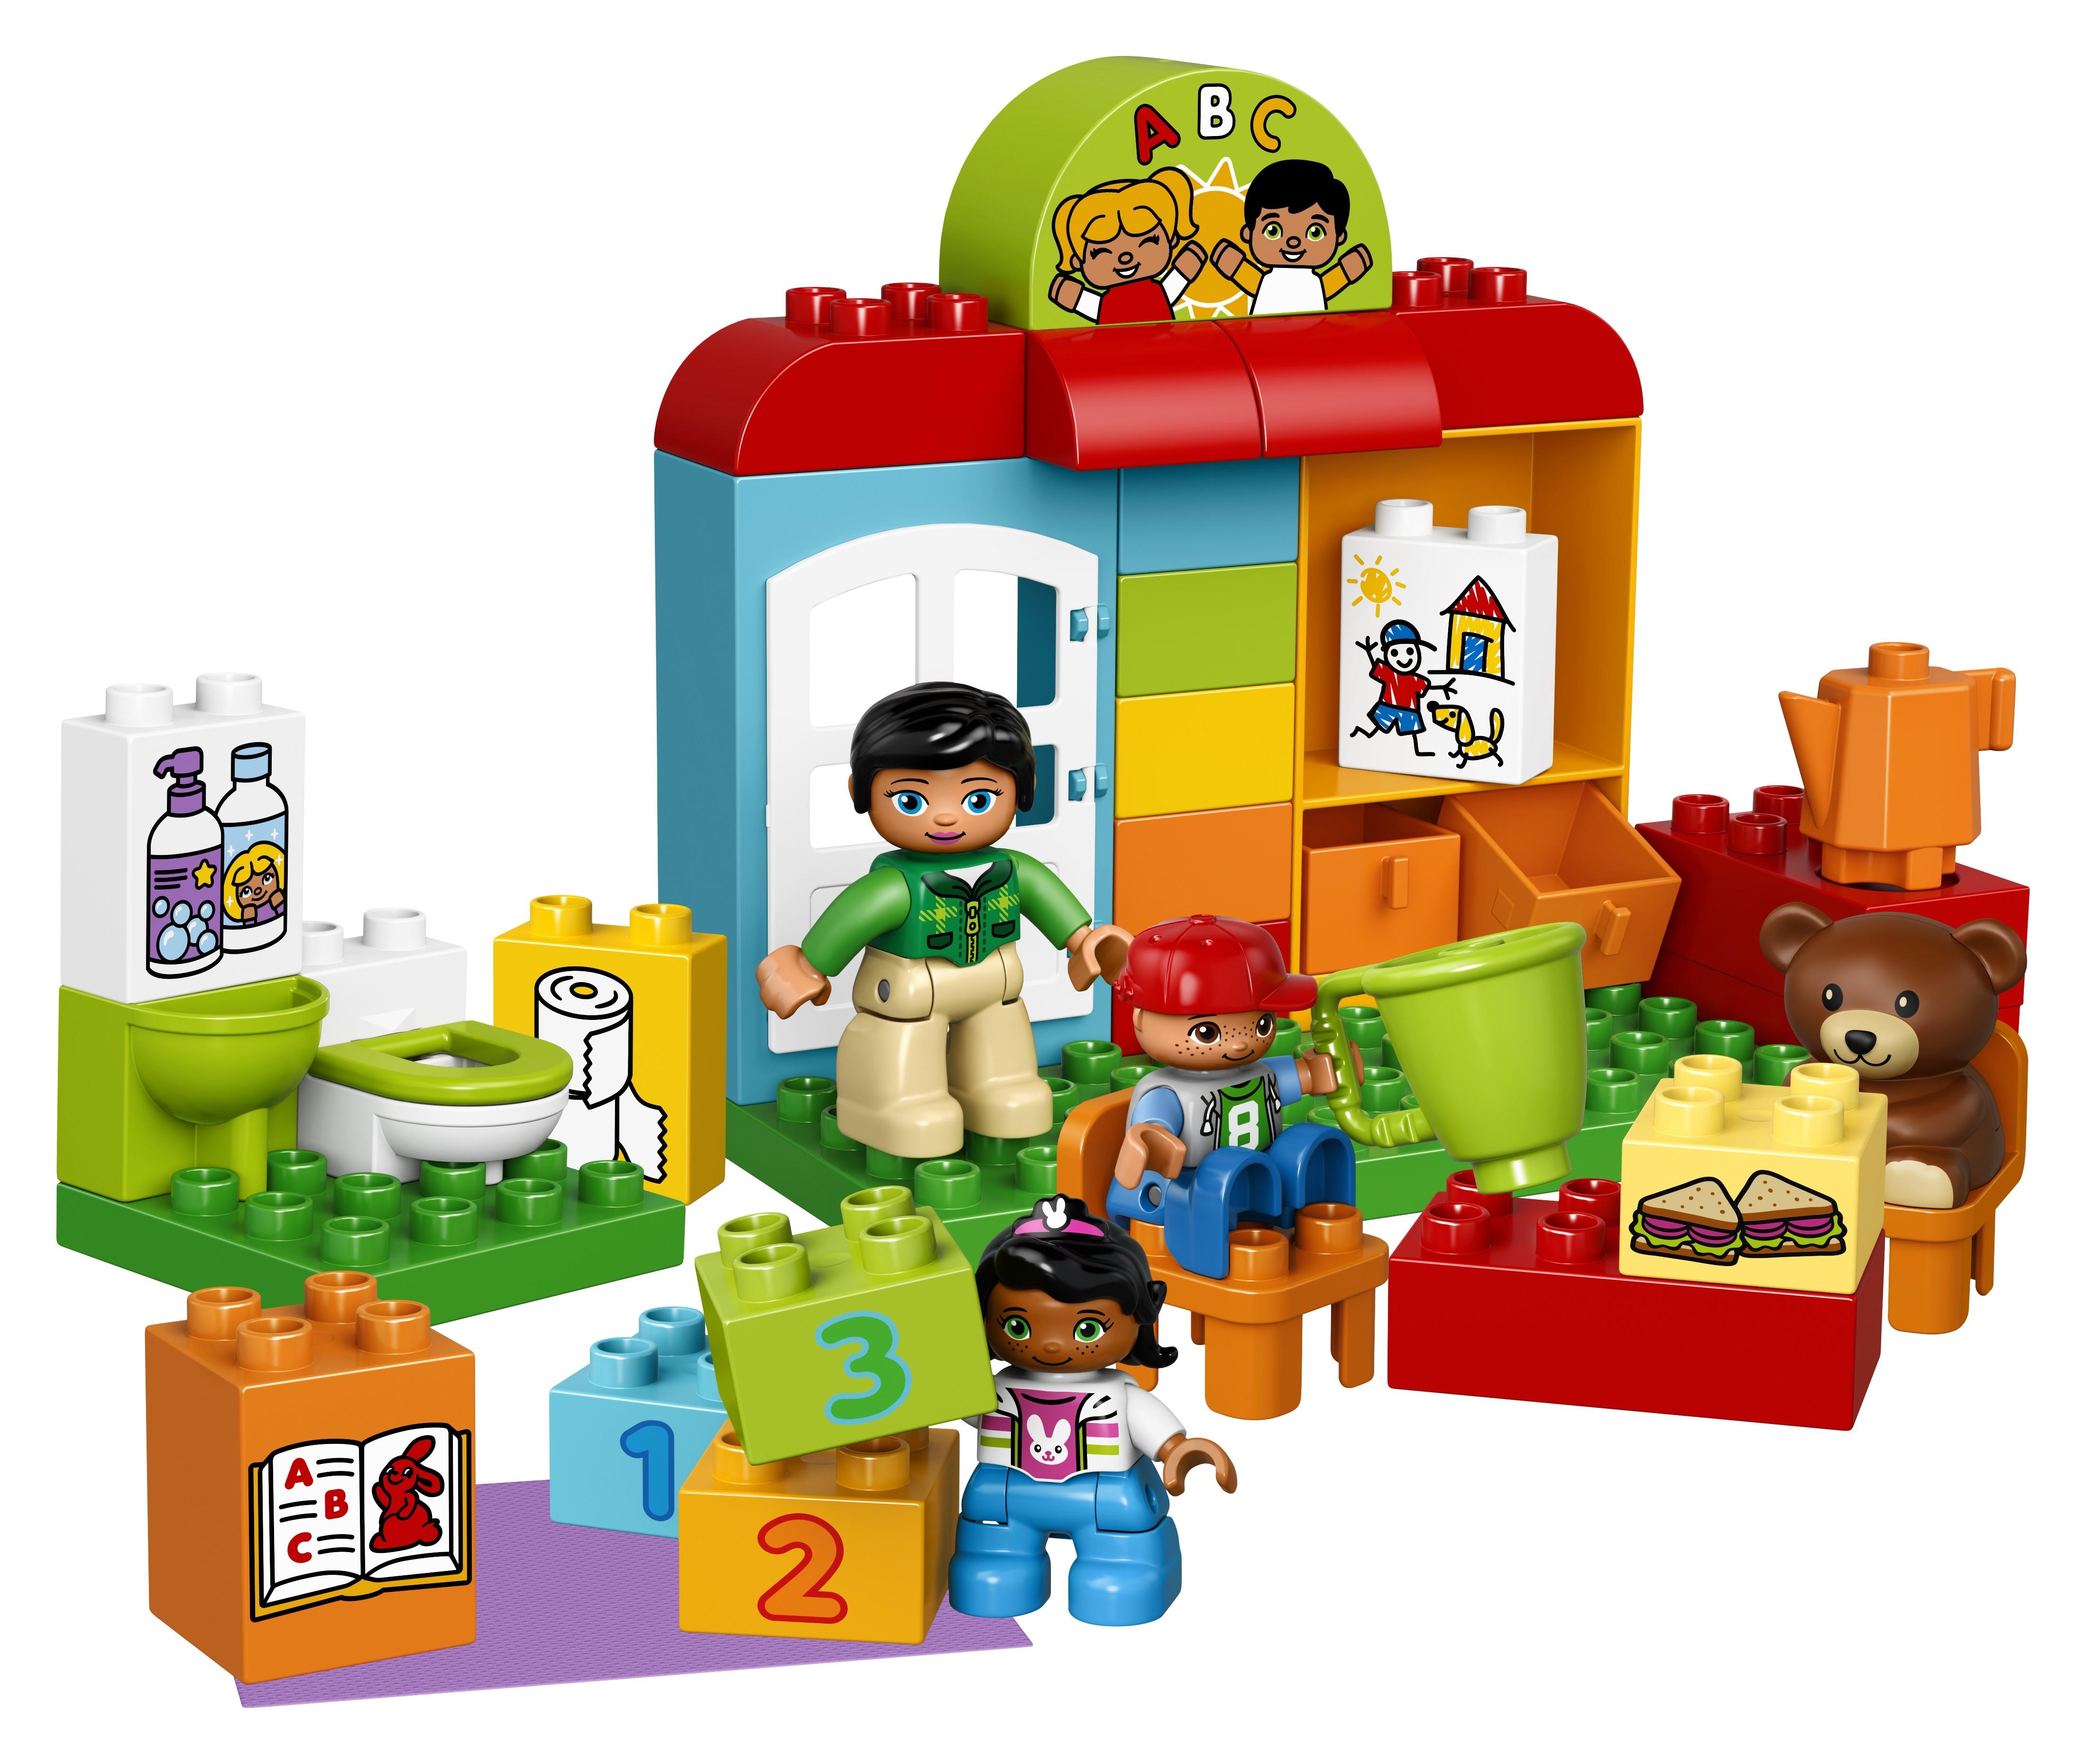 LEGO DUPLO LEGO Duplo Town 10833 Детский сад lego конструктор дупло детский сад